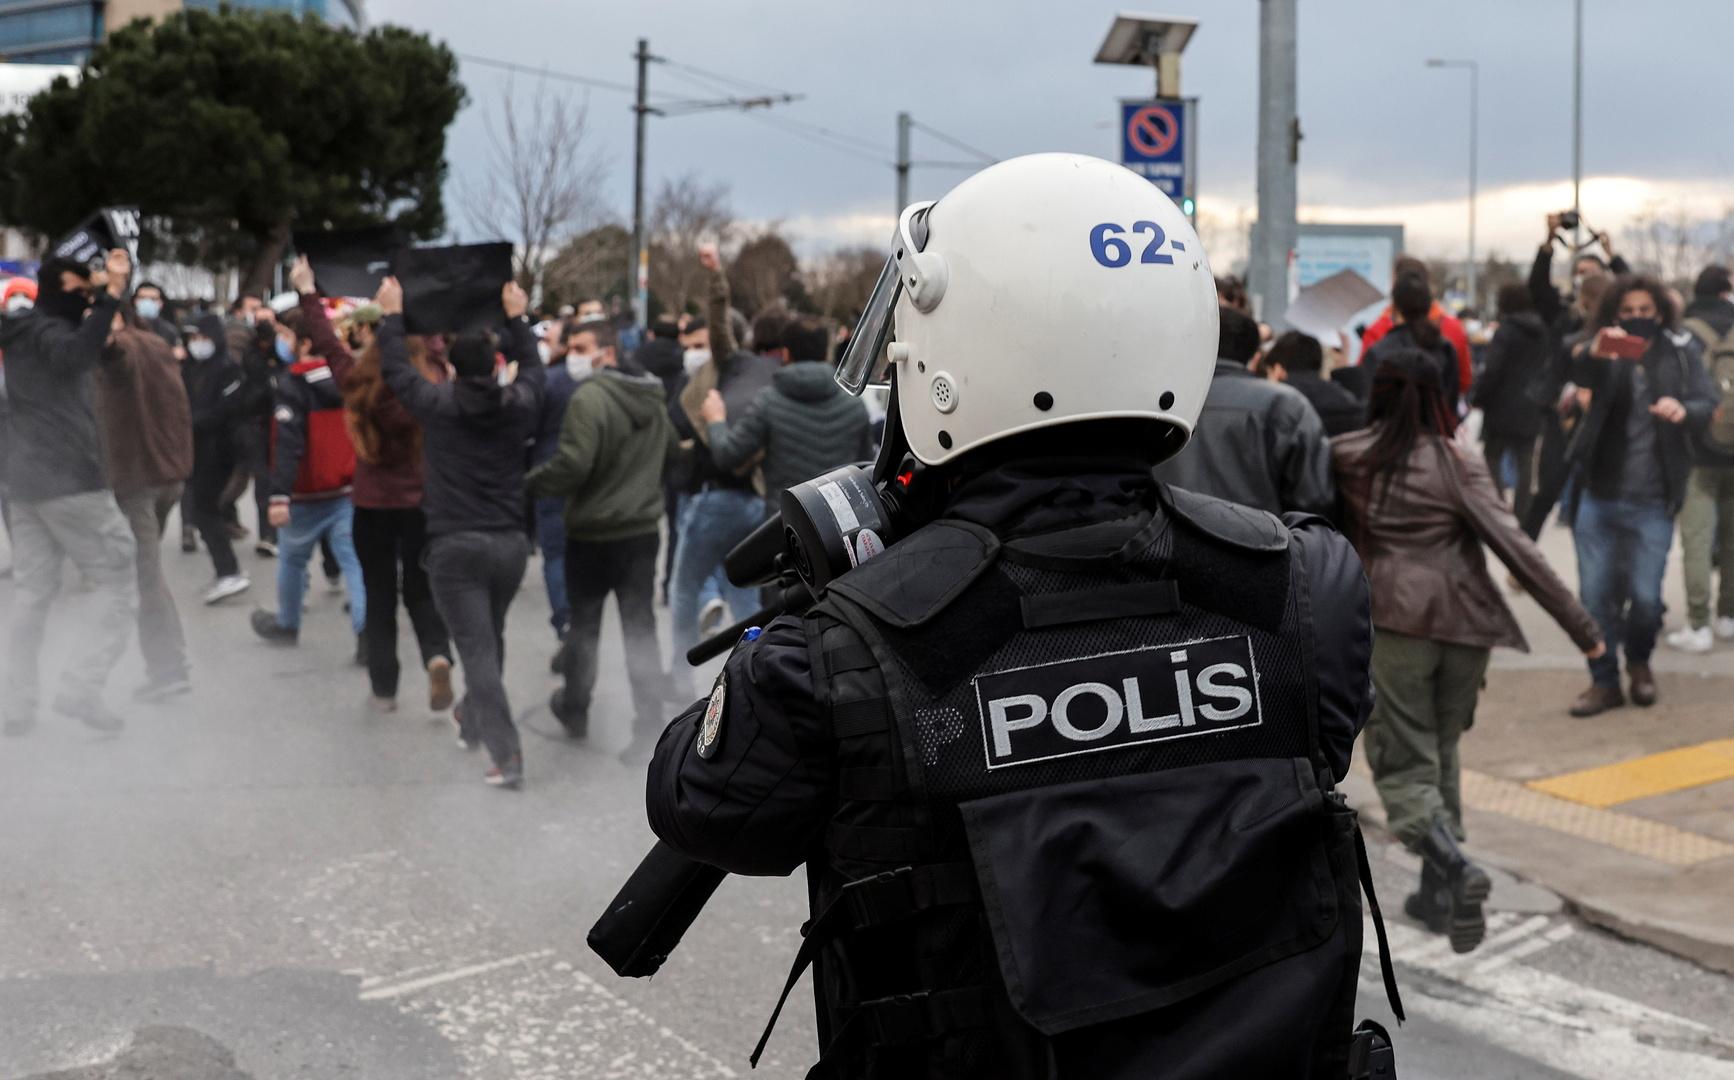 شرطي تركي ومظاهرة تضامن مع طلاب جامعة بوغازيتشي في اسطنبول بتركيا